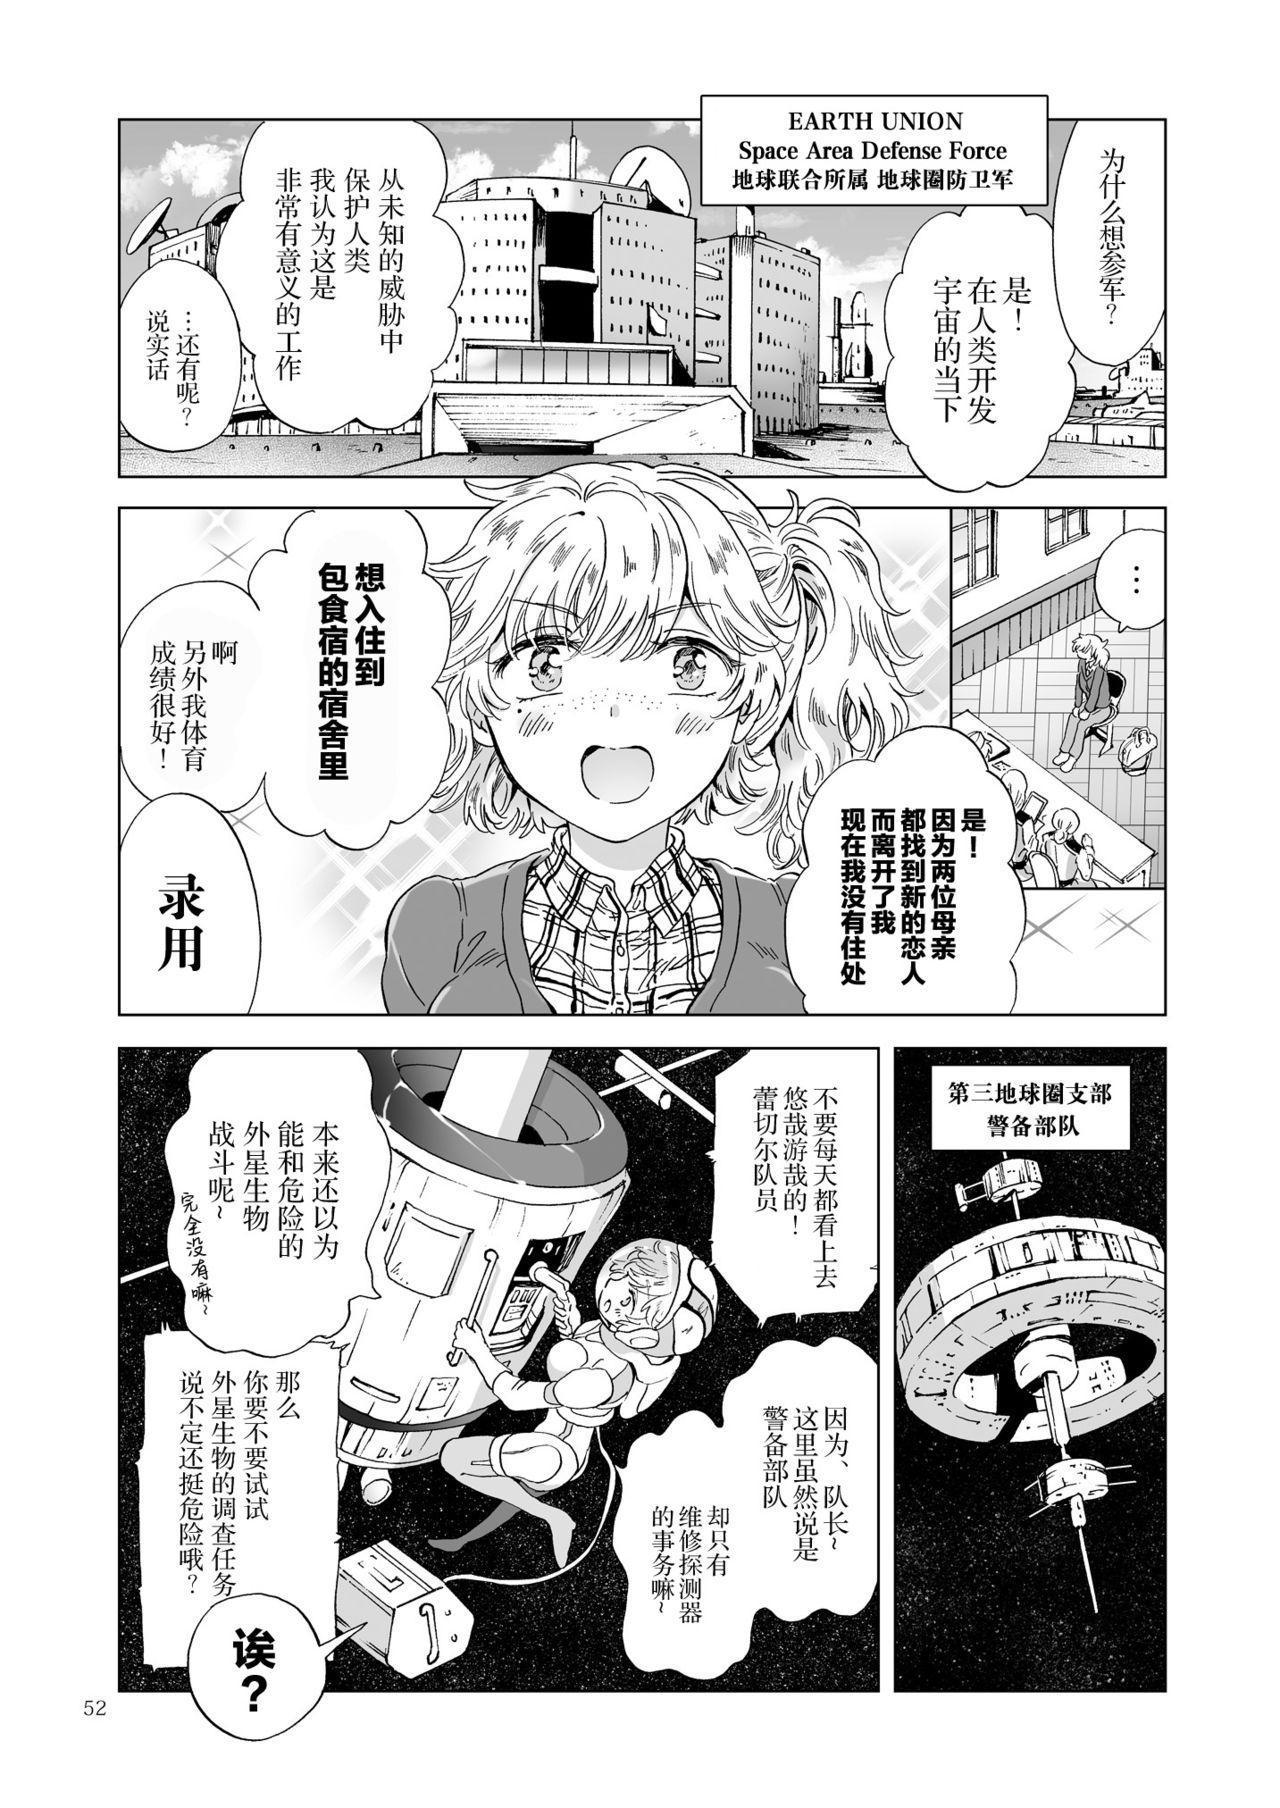 夢色のレプリカ【上】アンドロイドと背徳の契り 51